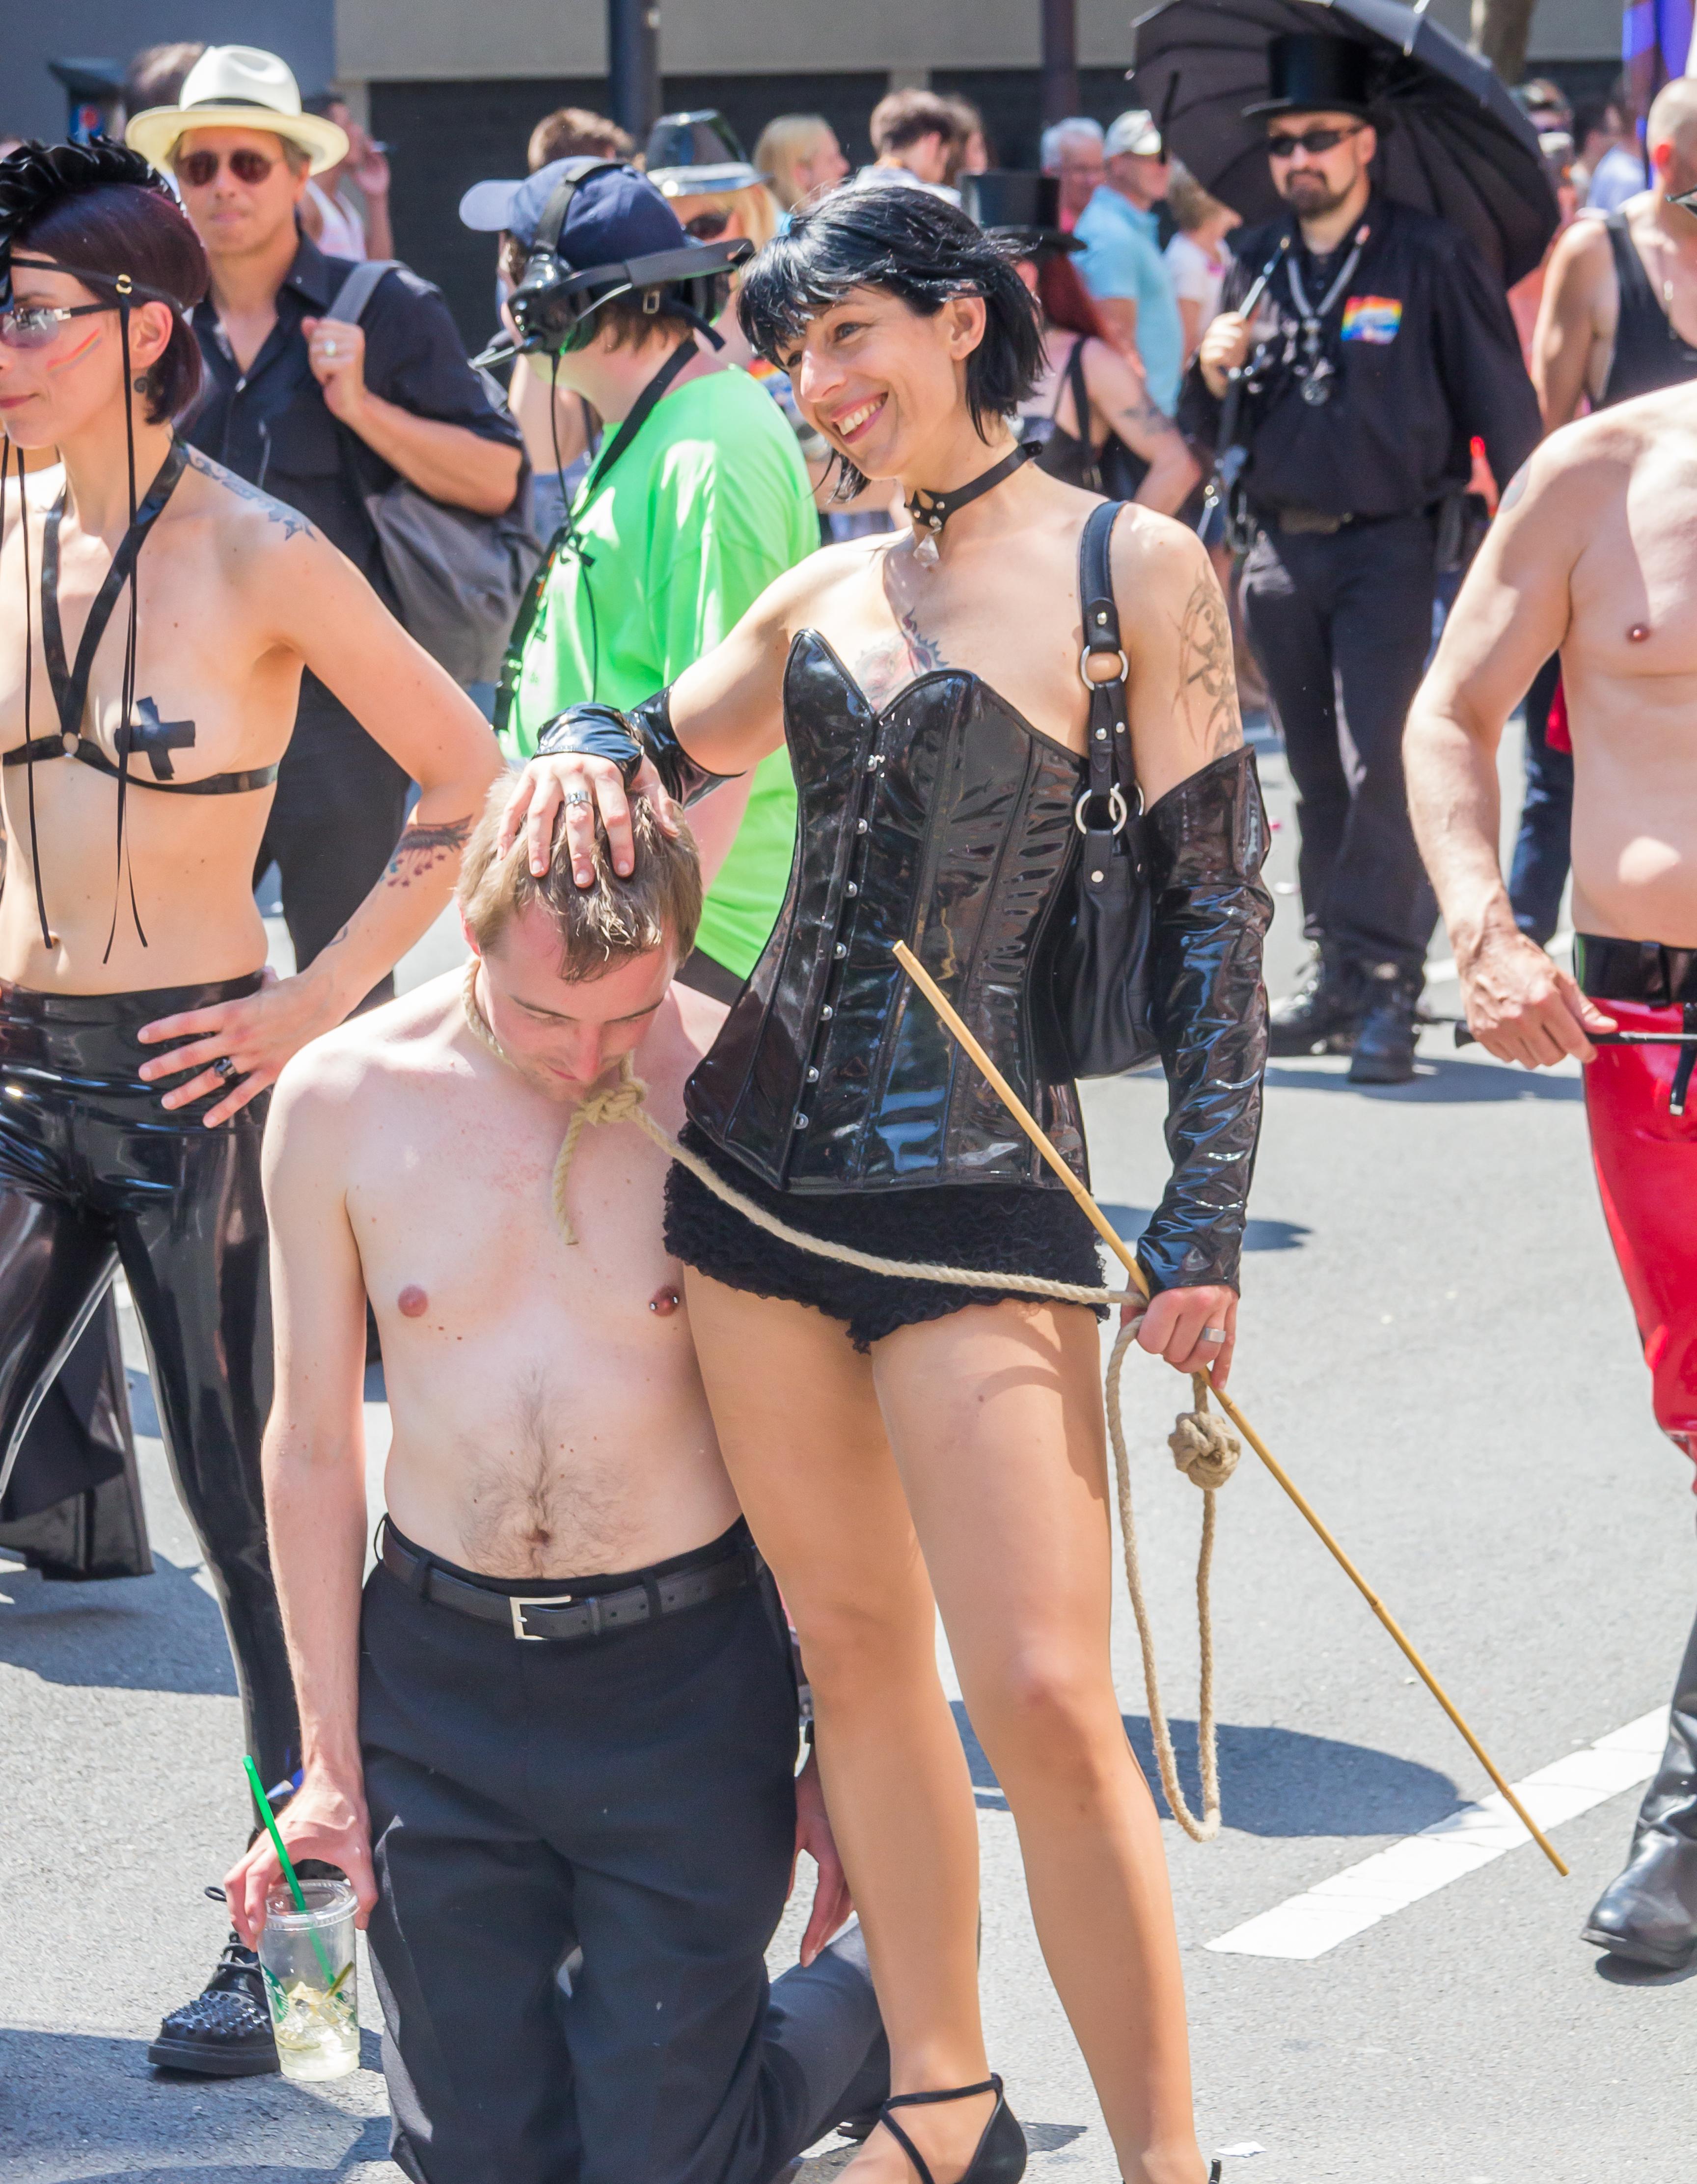 Zeichnungen bdsm Category:Historic BDSM